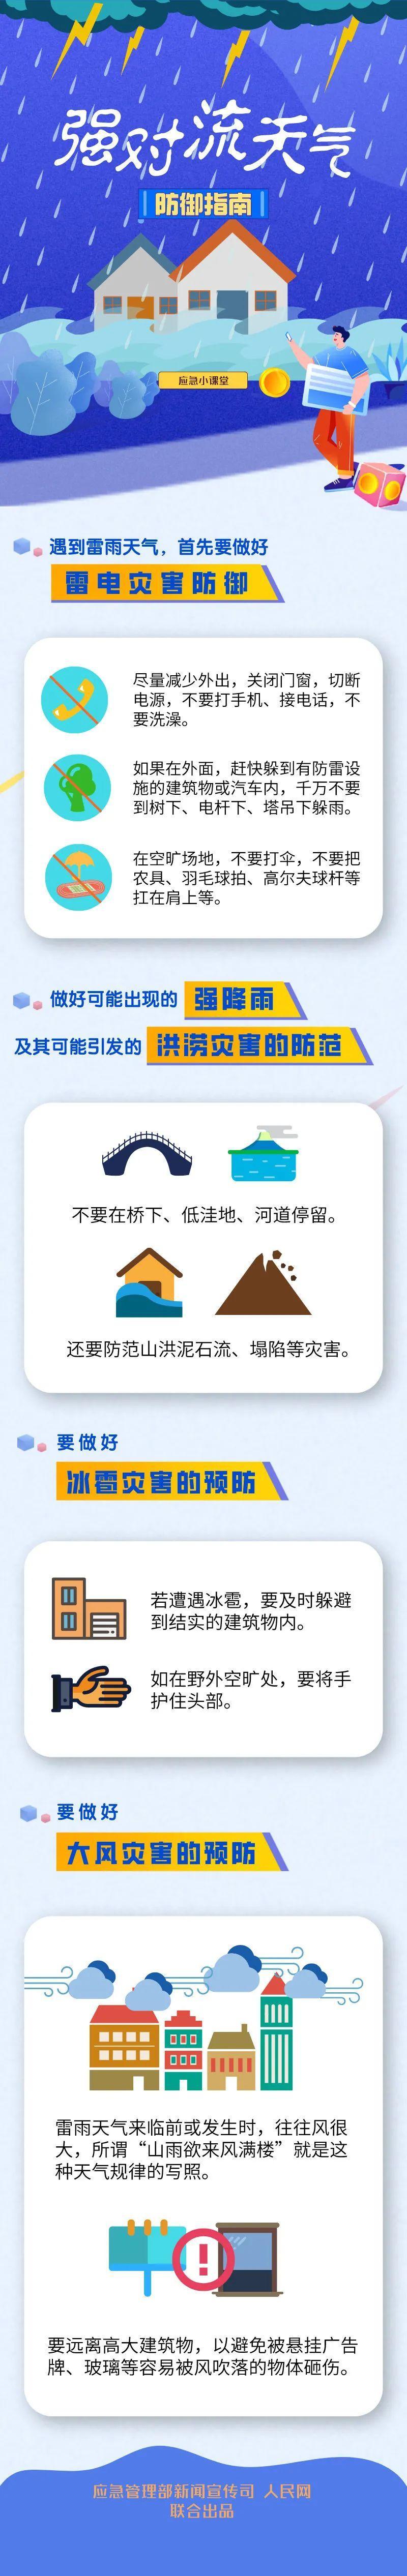 杭州难得迎来晴天!未来天气怎么样?